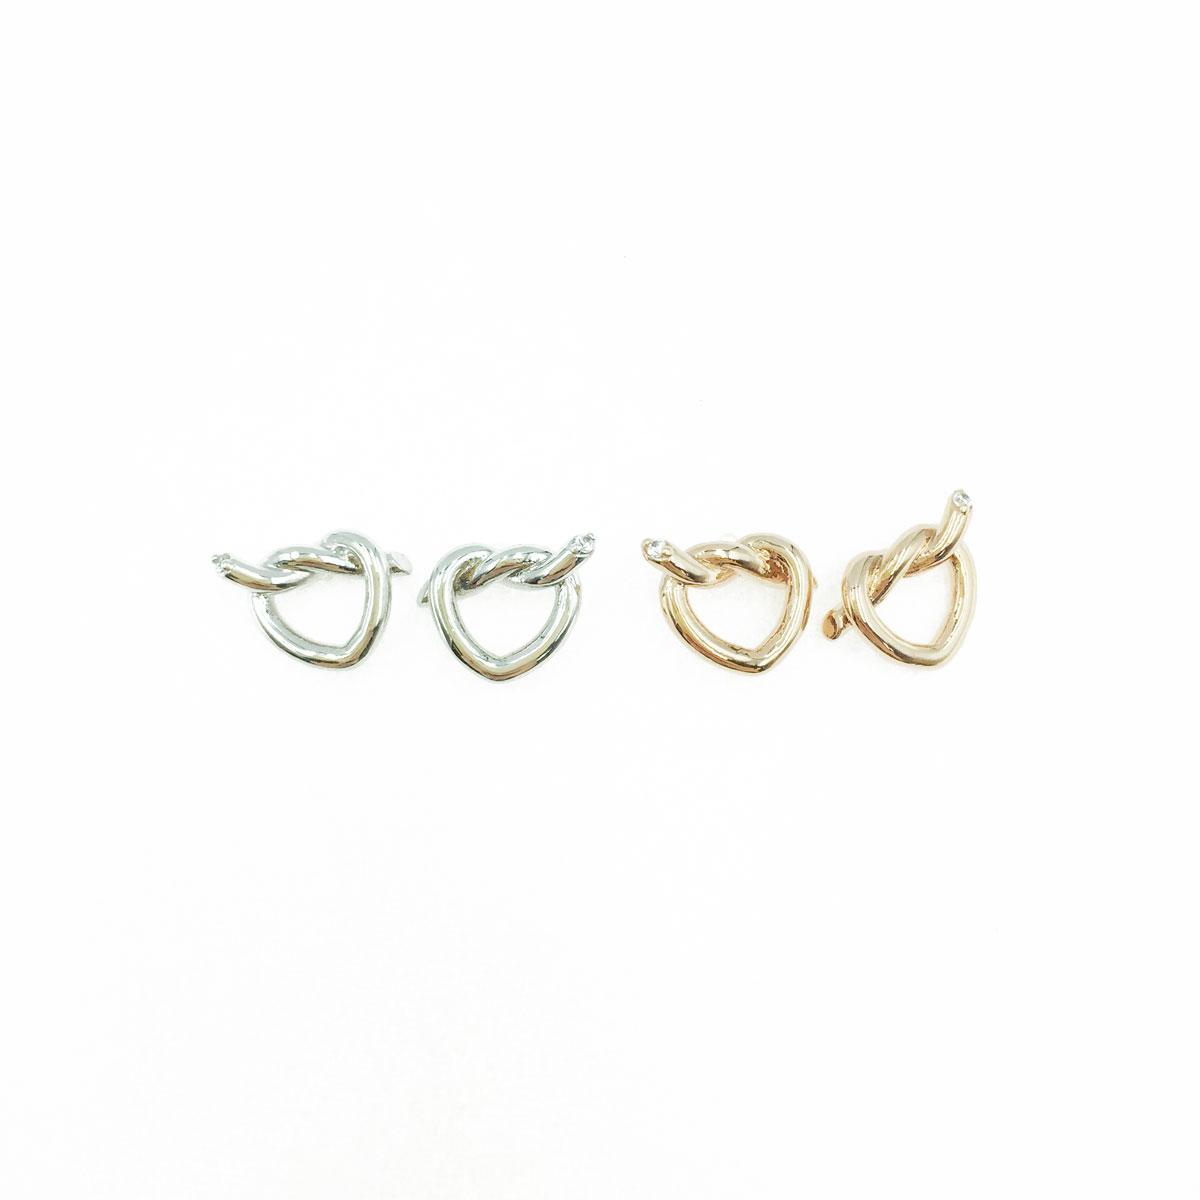 韓國 925純銀 愛心 造型 銀色 玫瑰金 明星款飾品 耳針式耳環